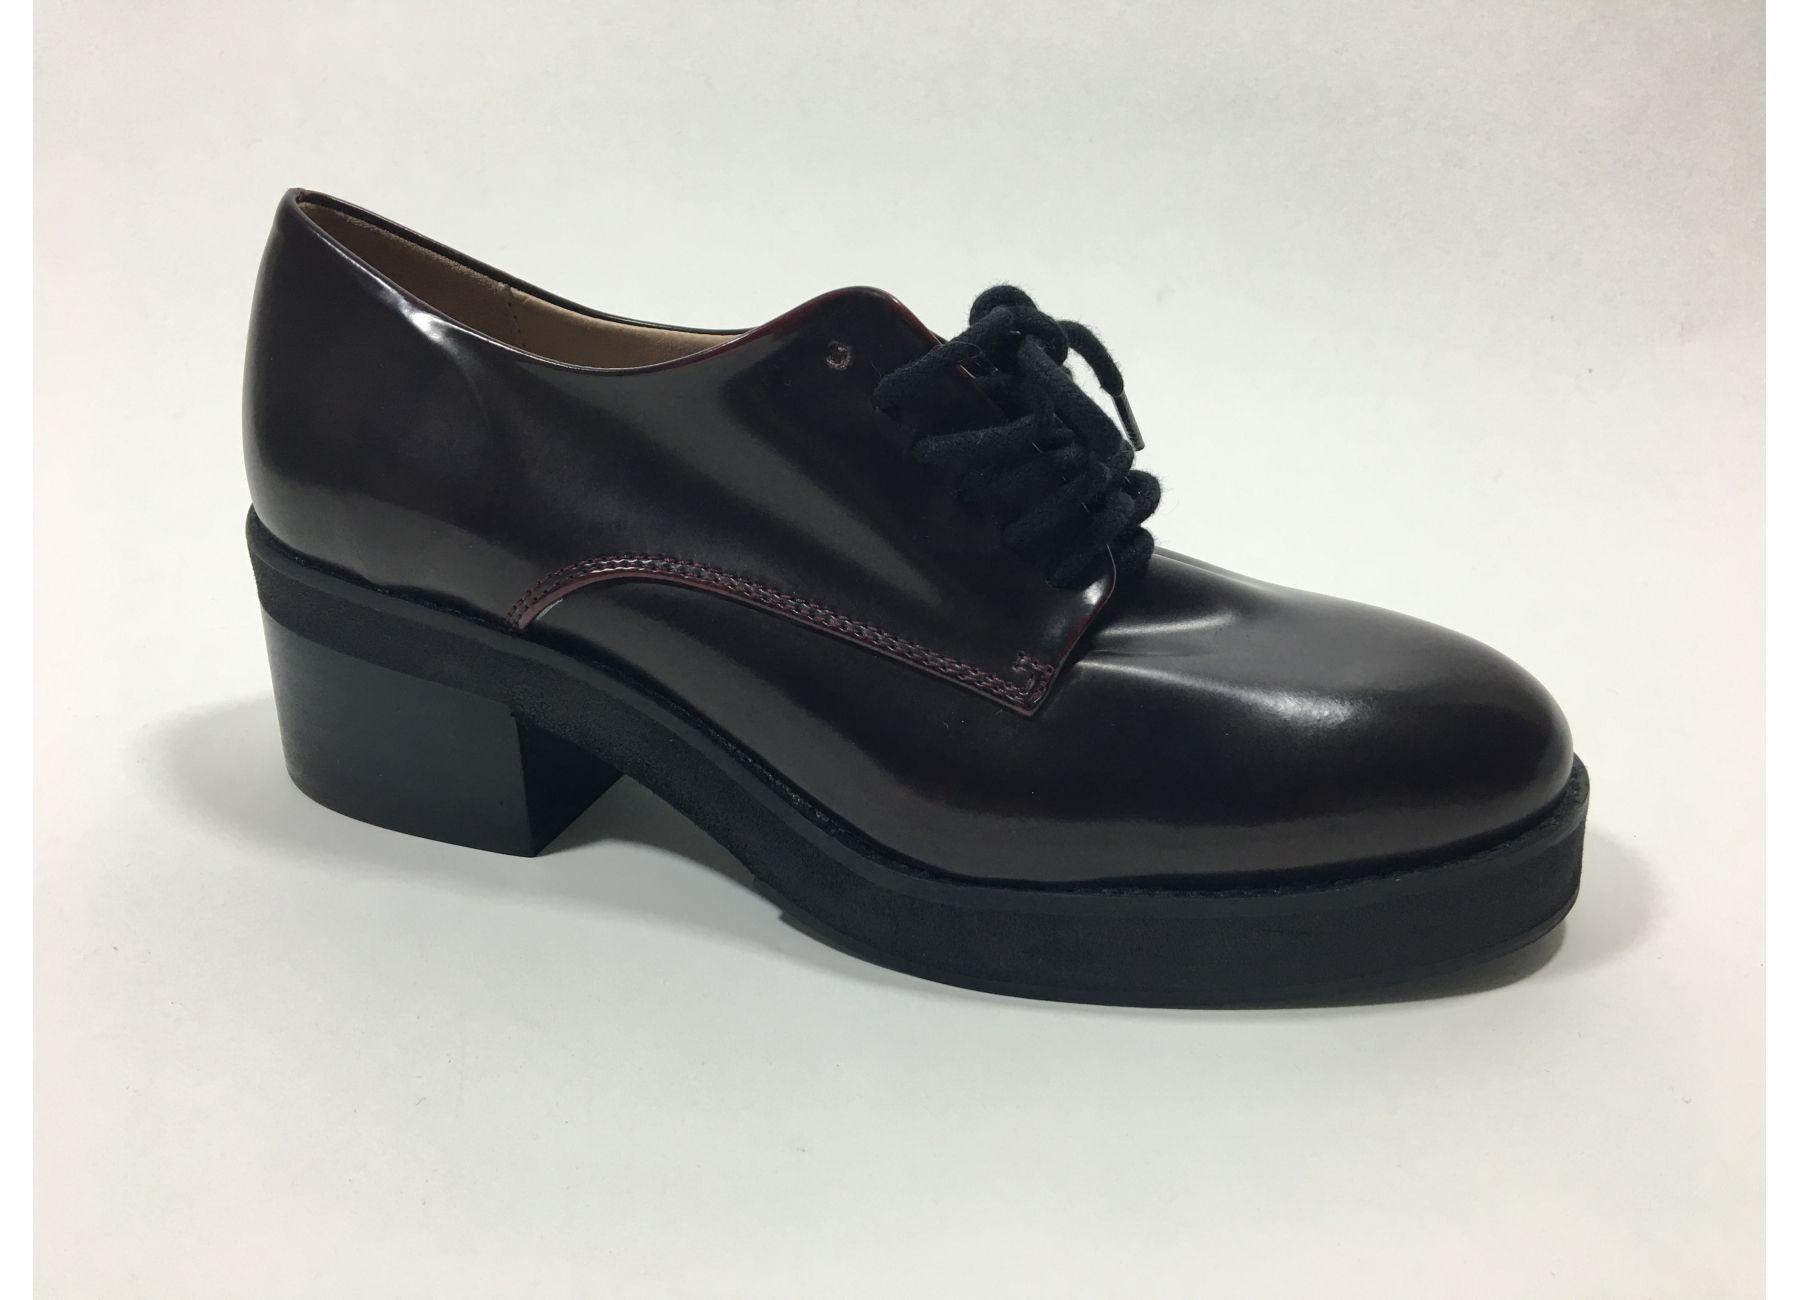 Zapatos Mujer Zara Zapatos Mujer Zara Zara 6wHgPP daf780645d02